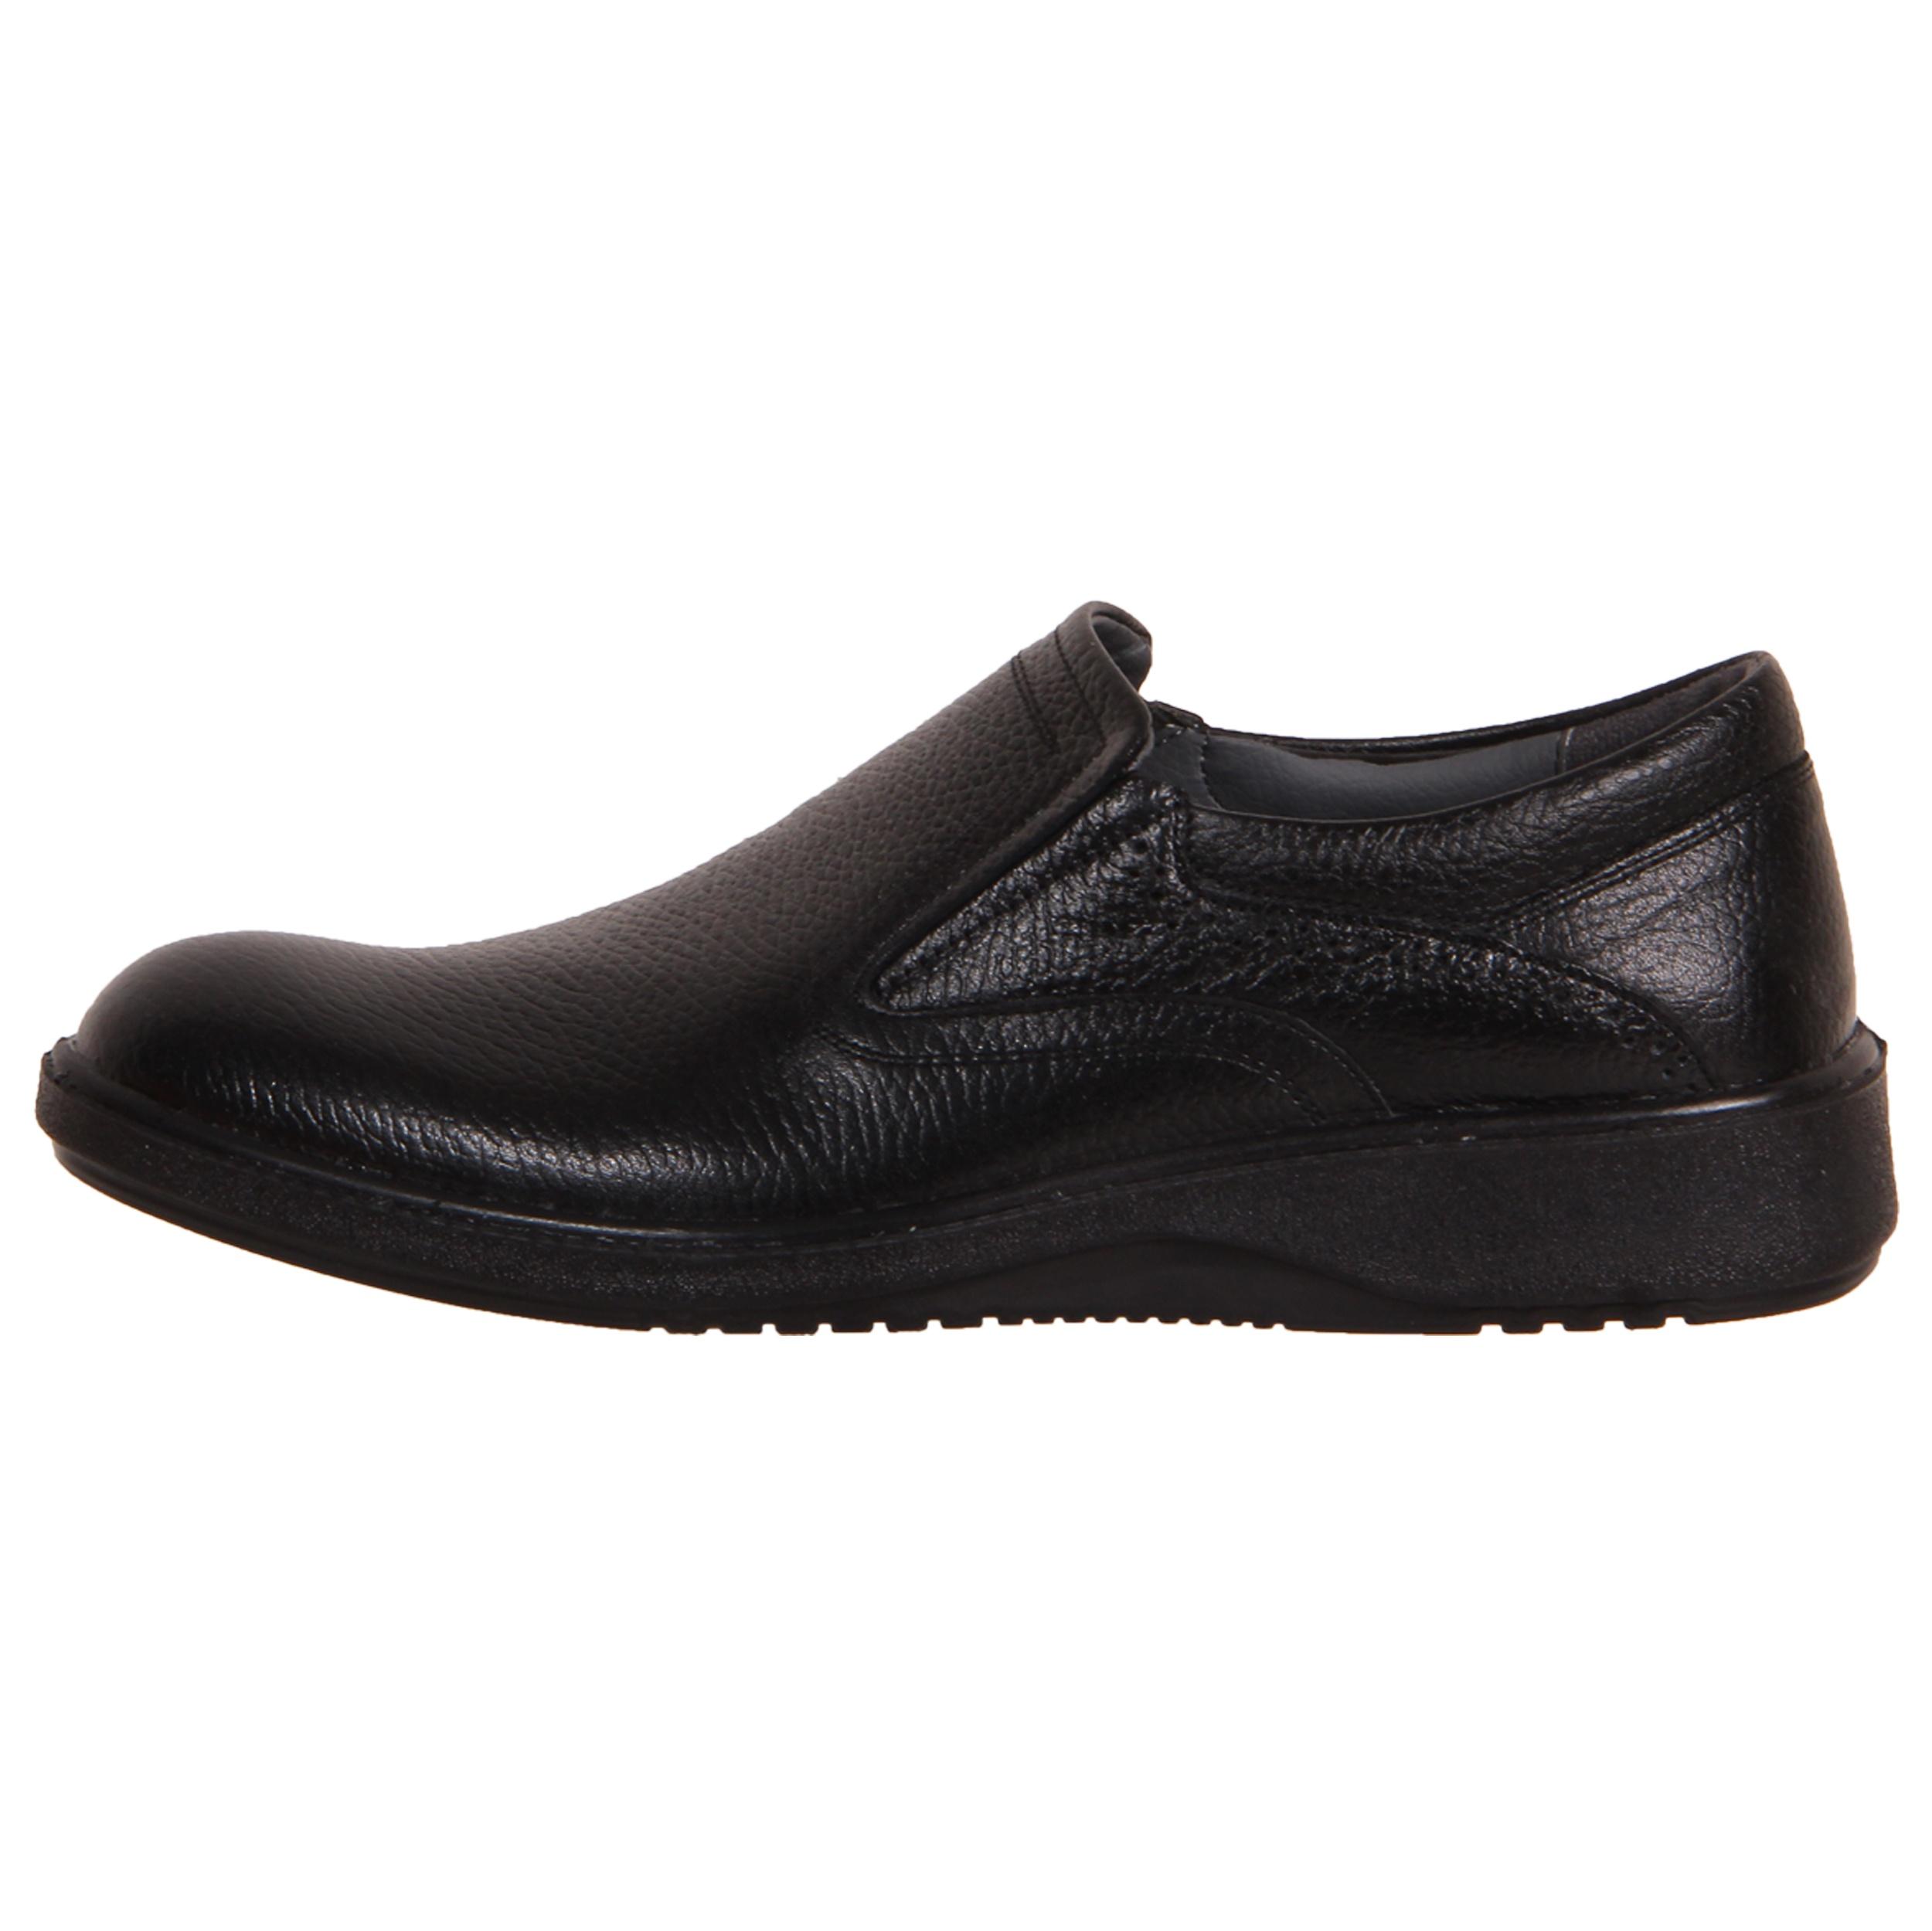 کفش روزمره مردانه کد 1-39682